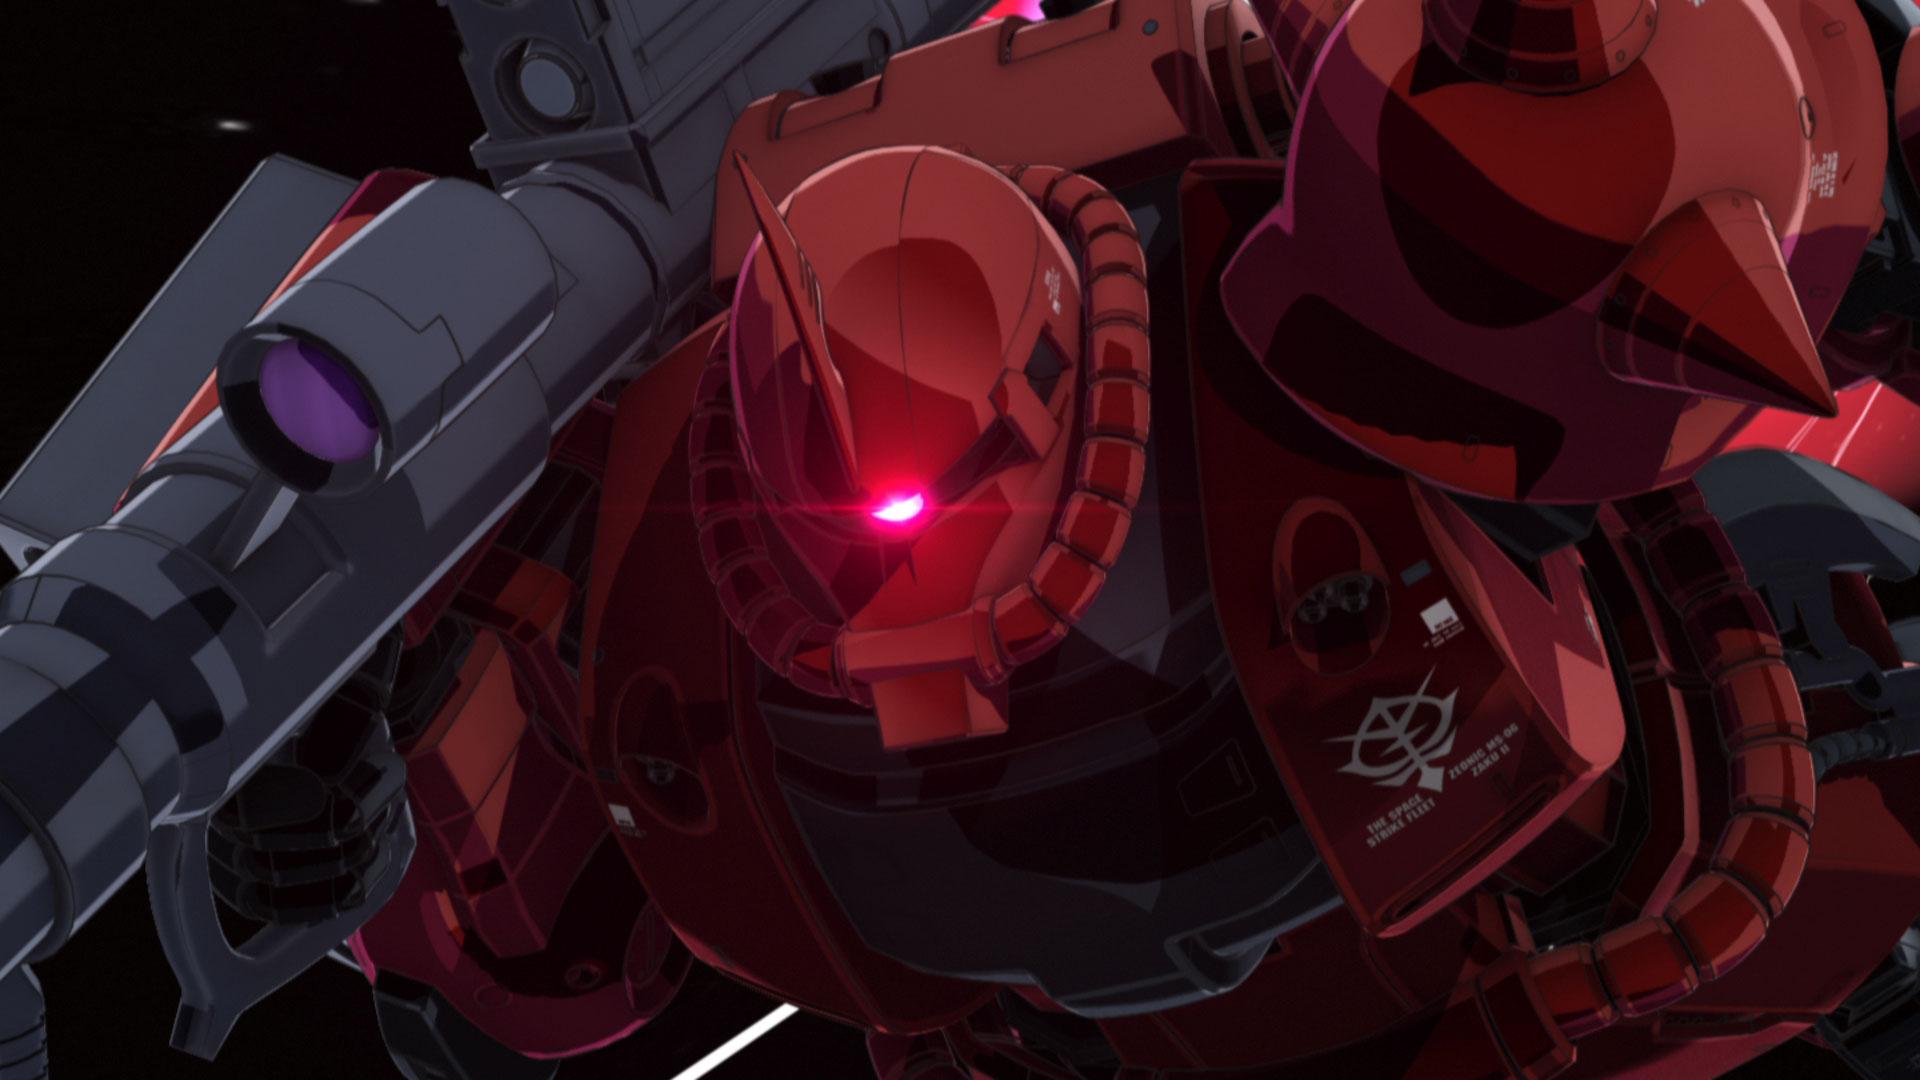 機動戦士ガンダム THE ORIGIN V 激突 ルウム会戦